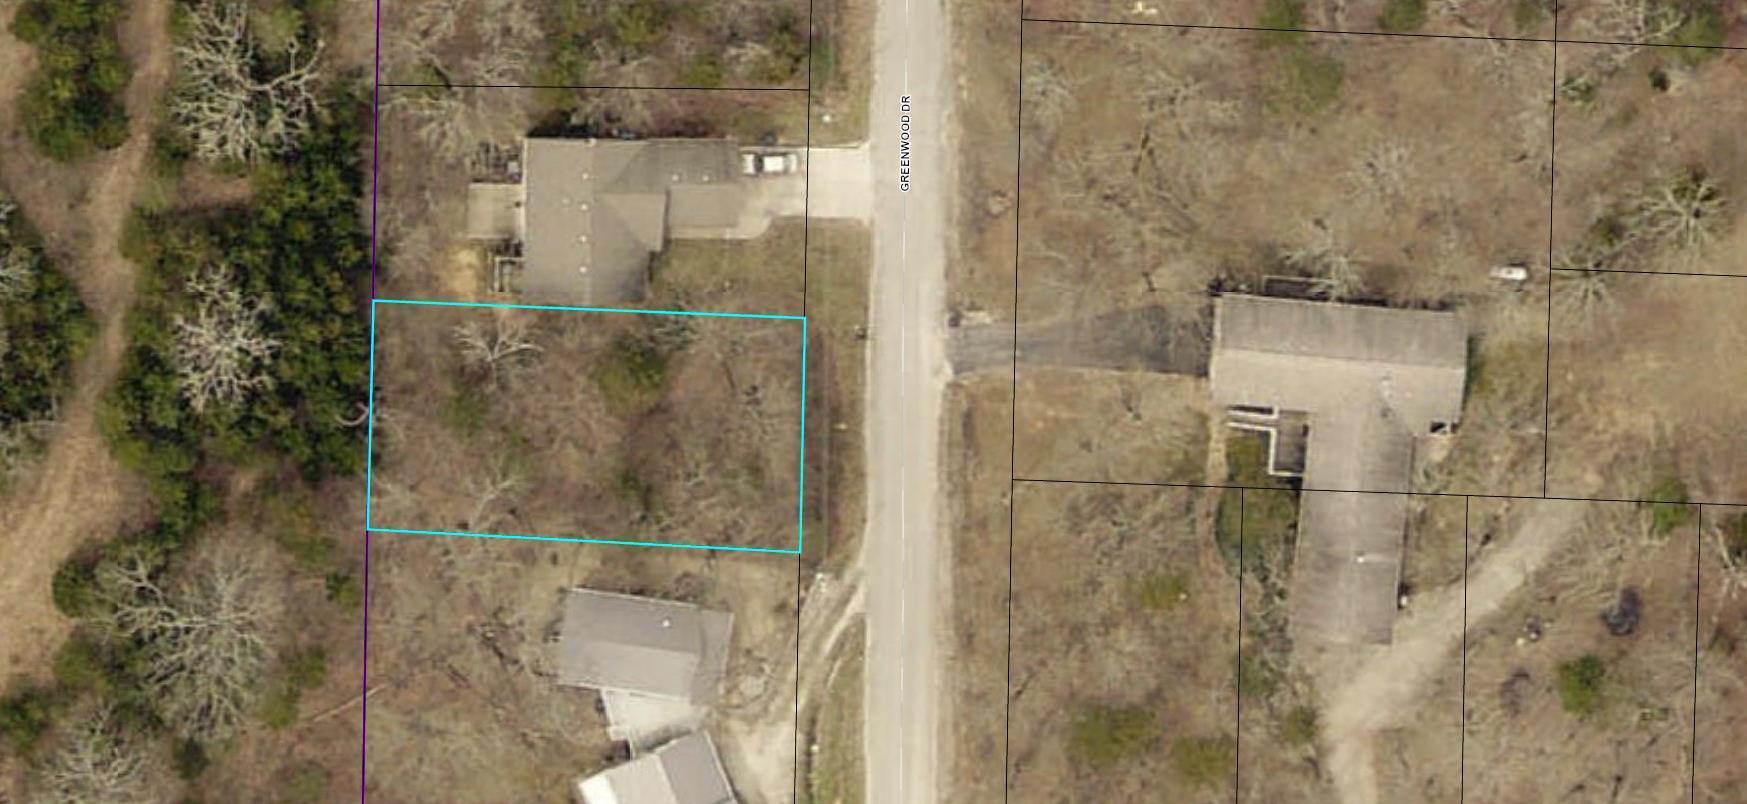 000 Greenwood Drive UNIT Lot 30 Merriam Woods, MO 65740